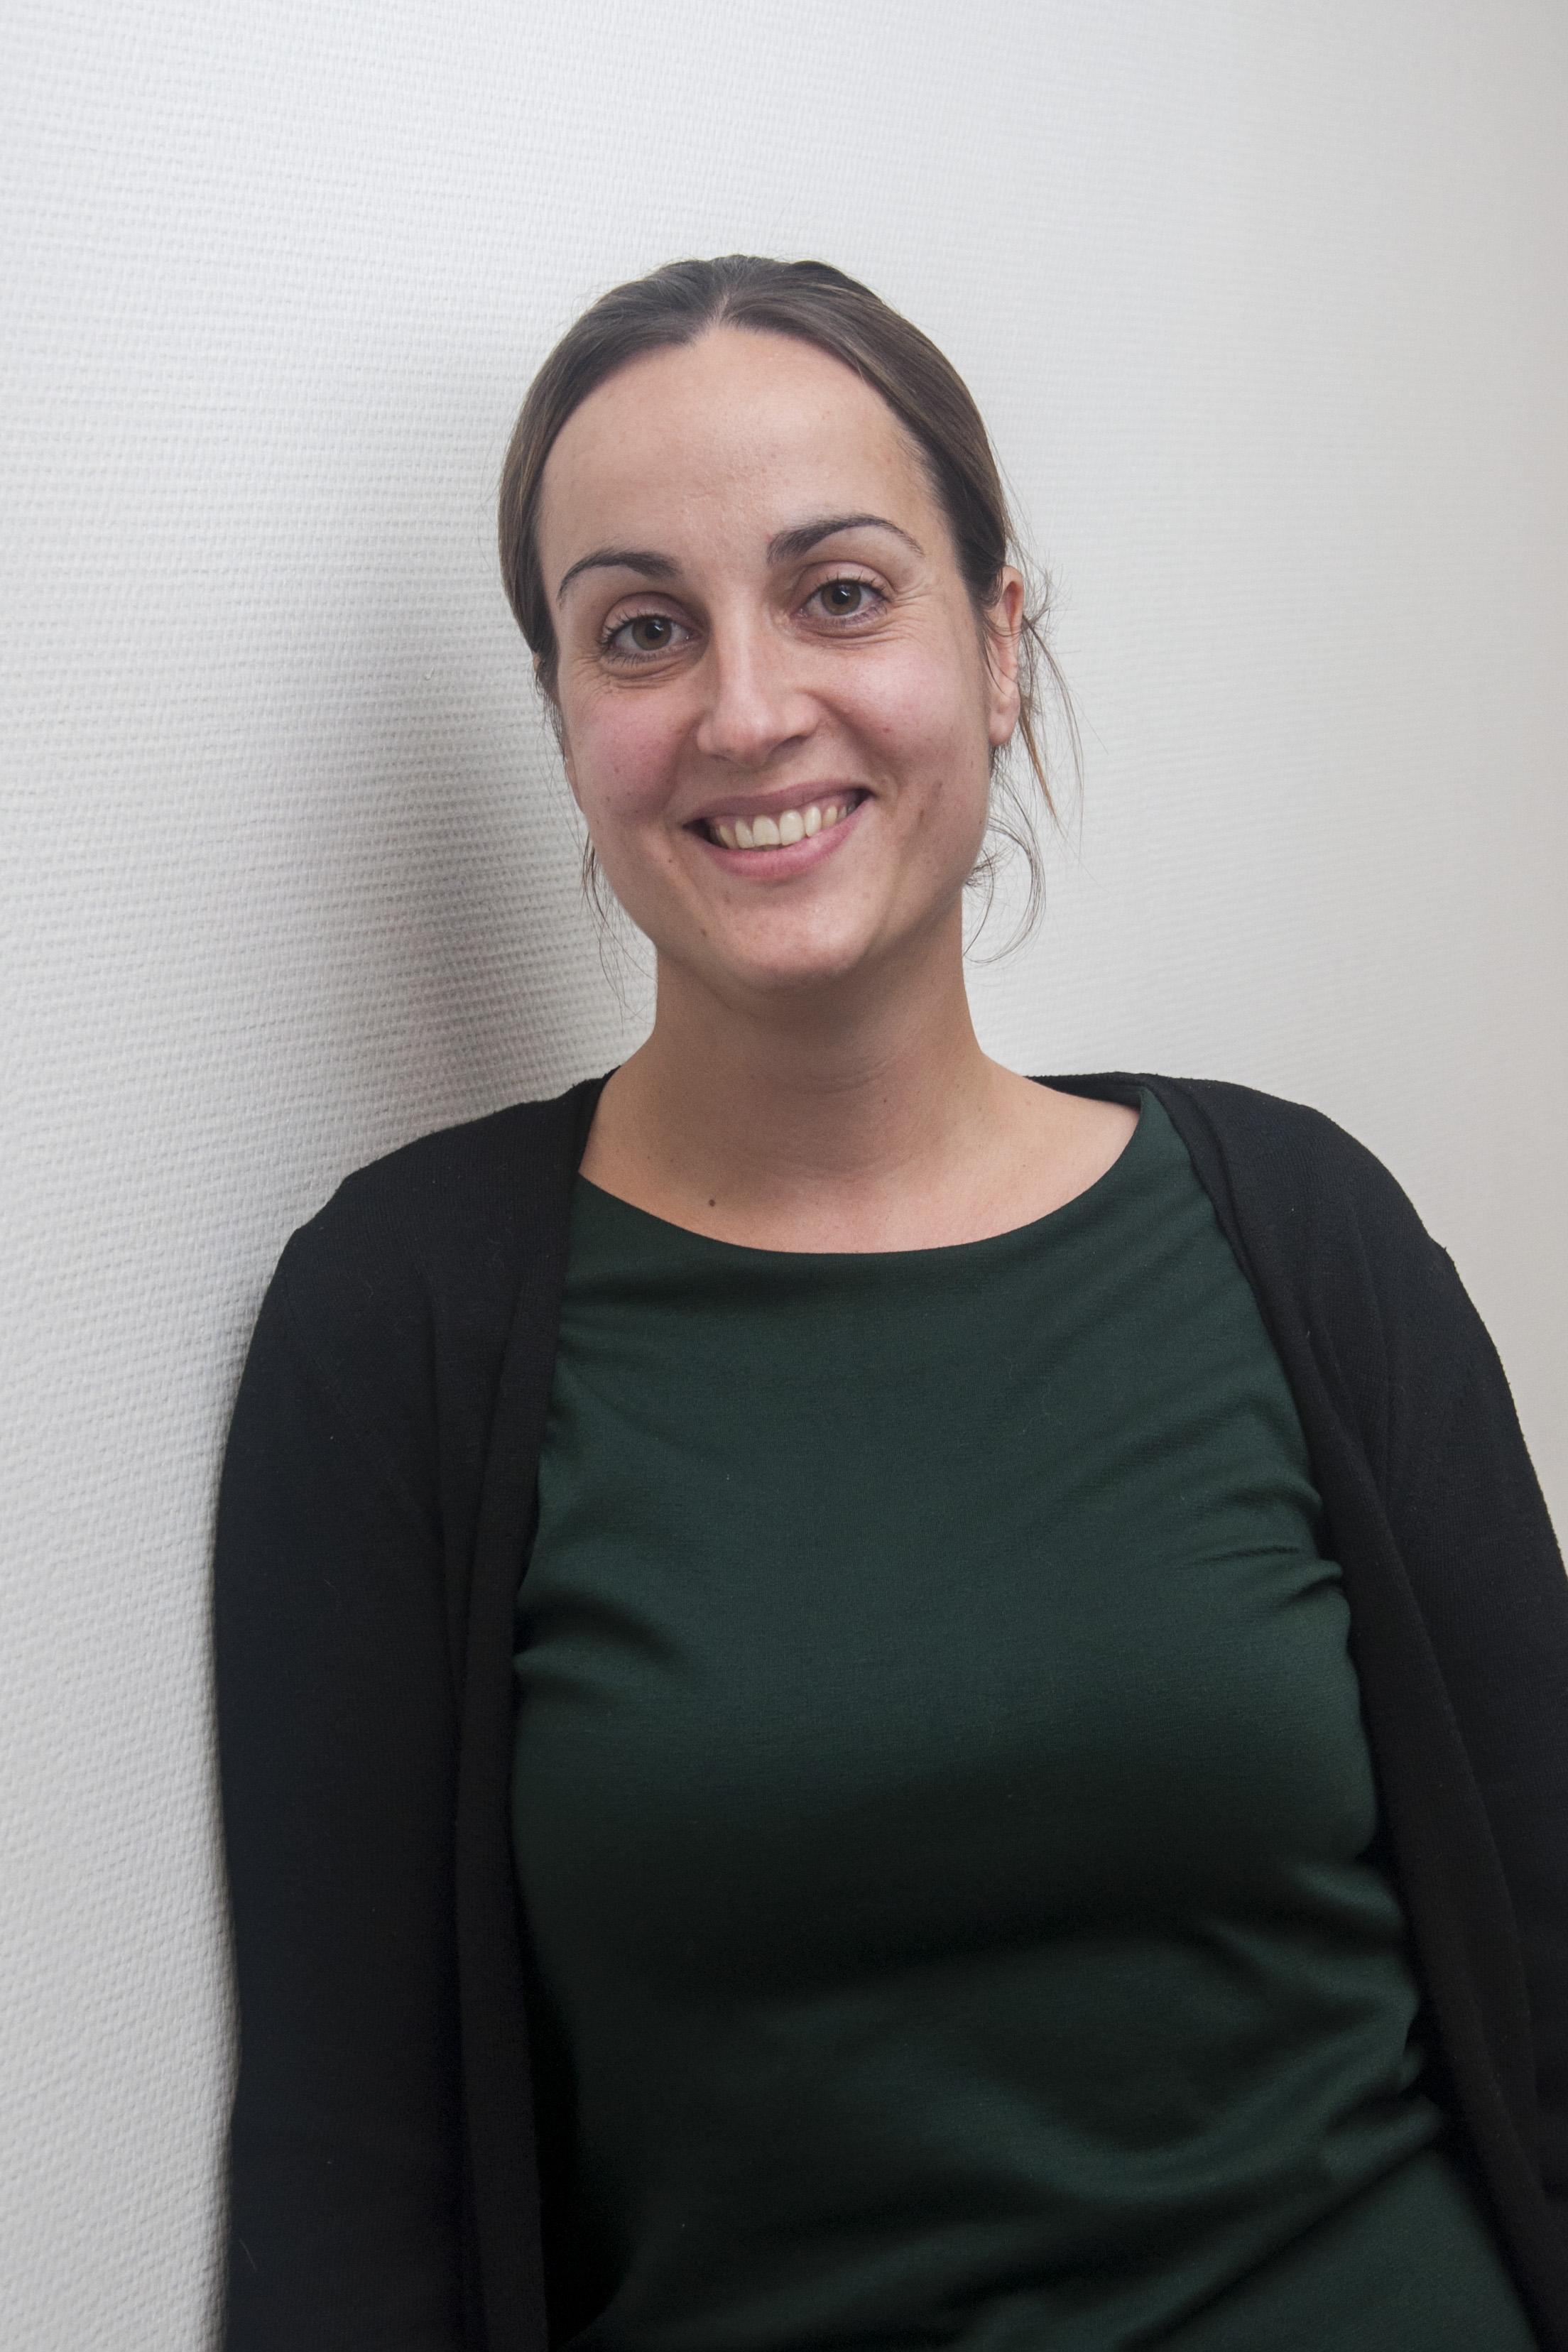 Miriam Ketelaar